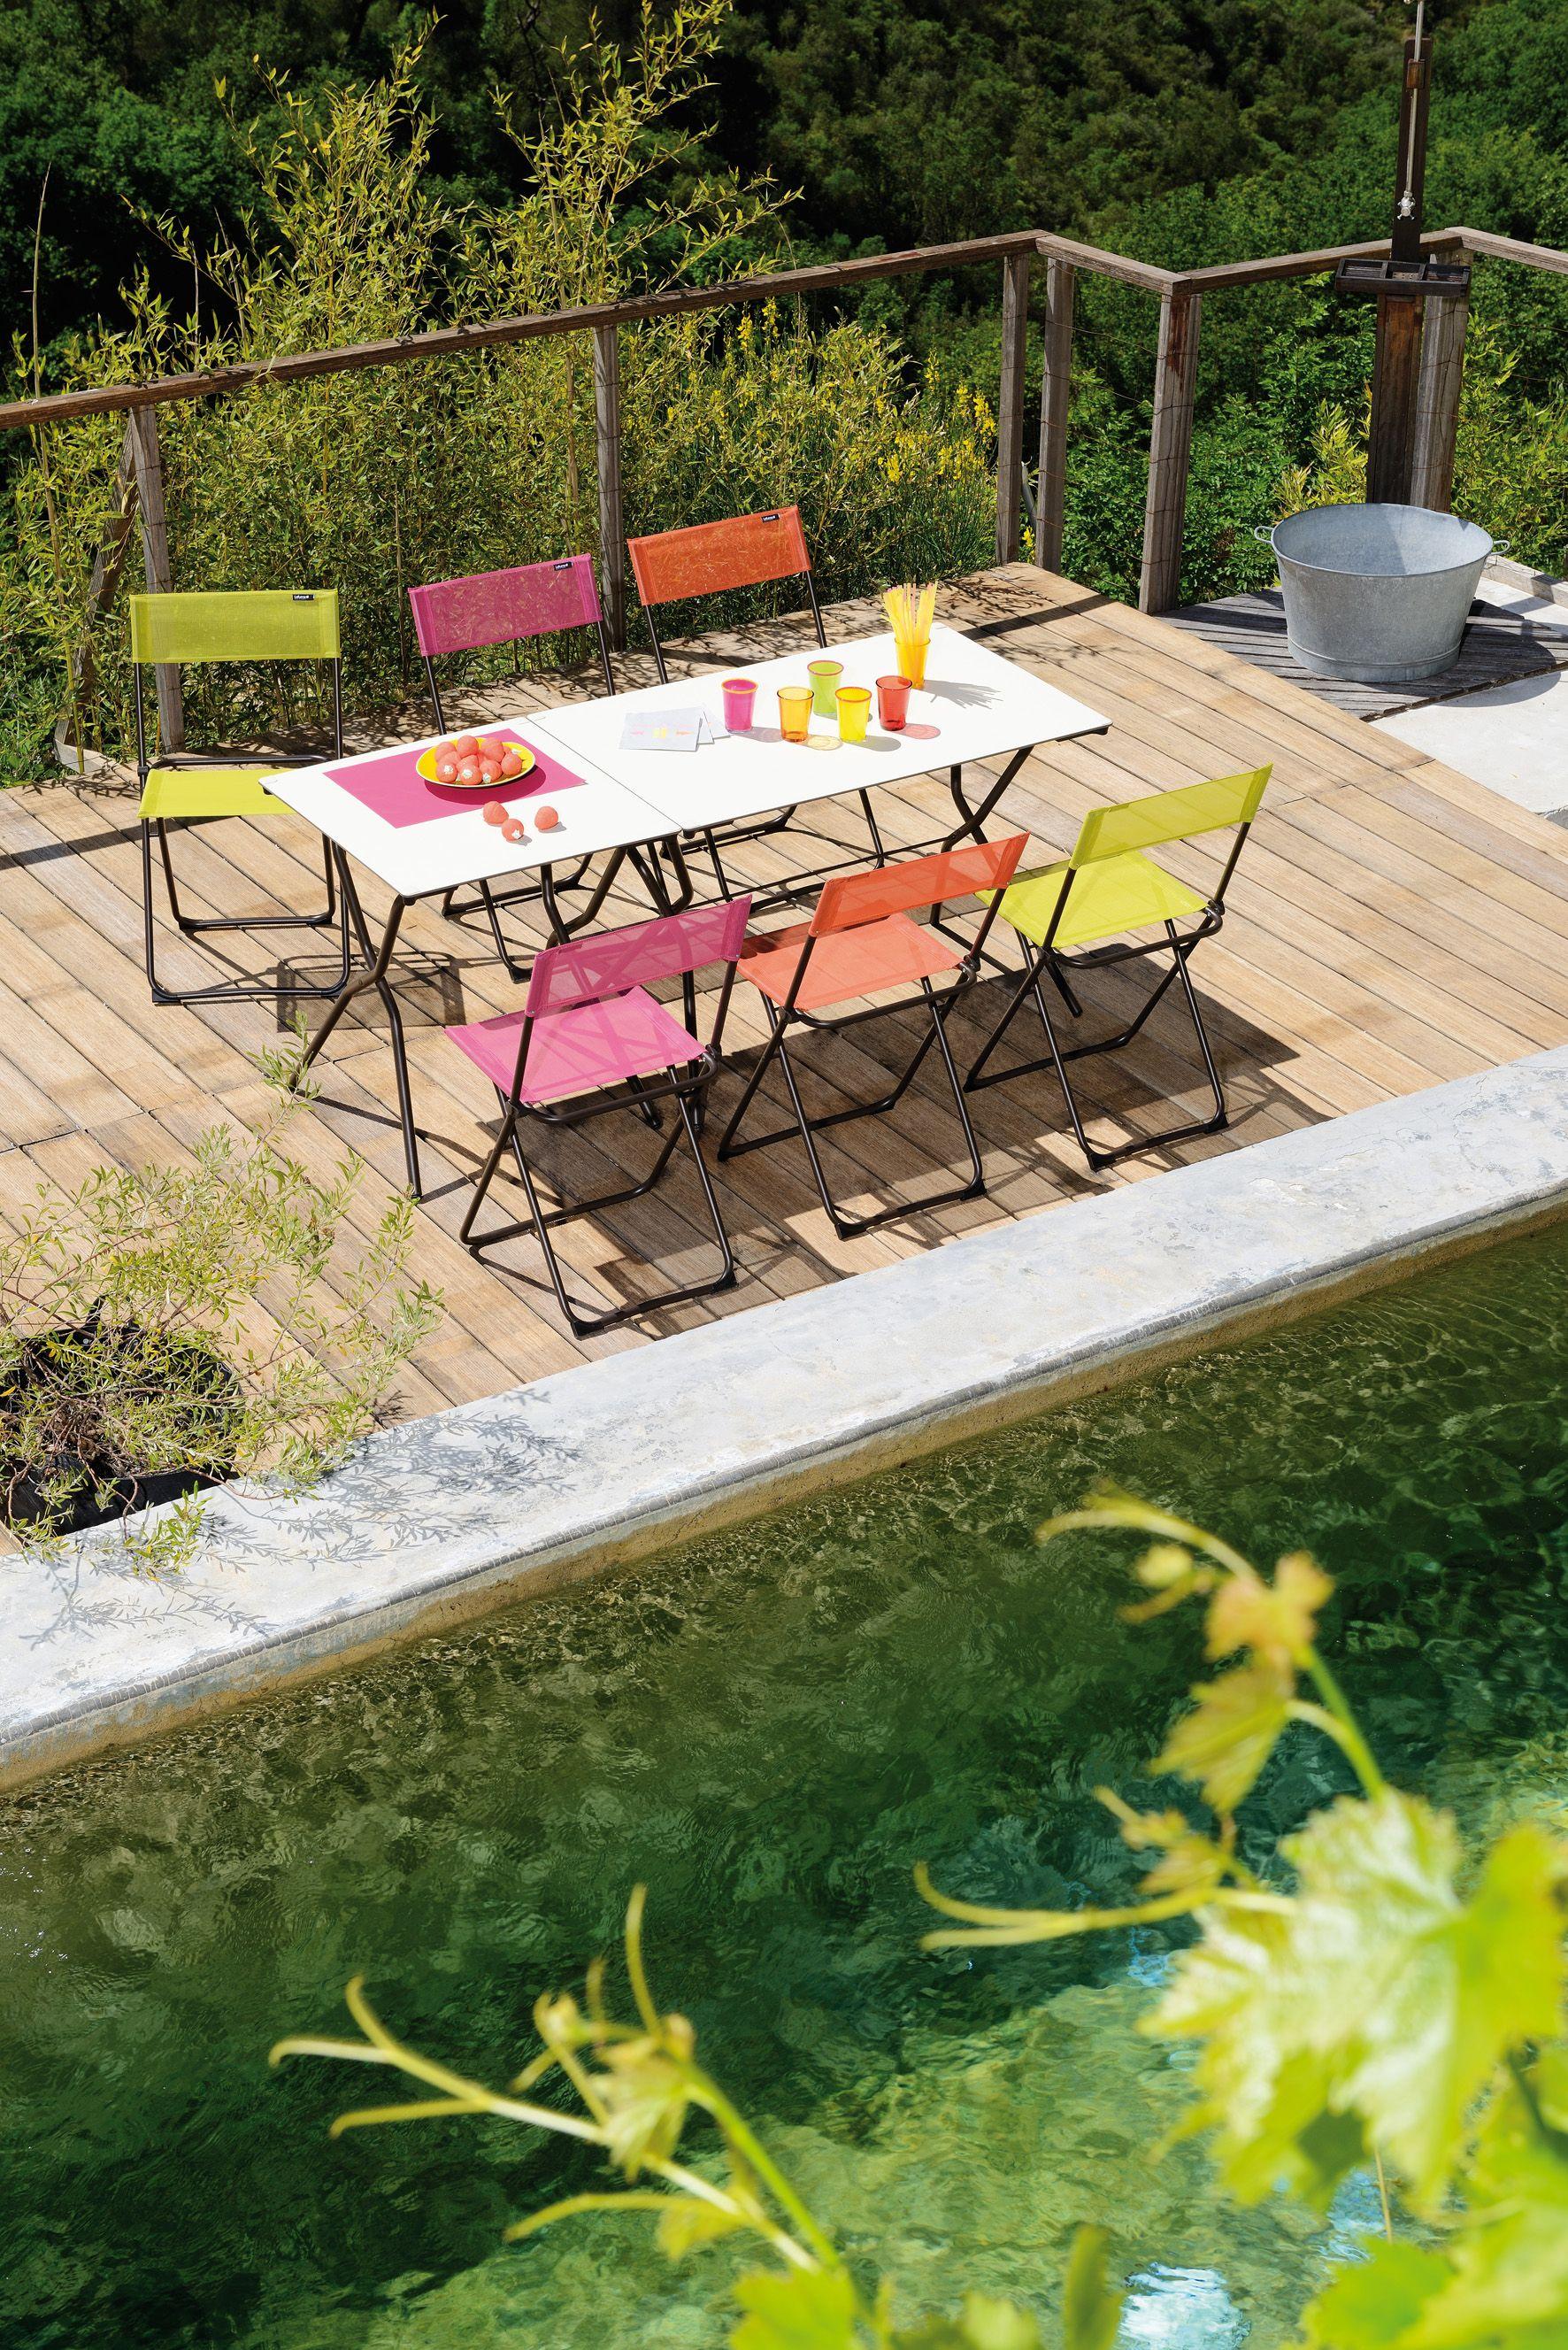 Sie Haben Nur Einen Kleinen Balkon Auf Dem Sie Aber Gerne Sitzen Und Einen Kaffee Geniessen Sie Machen Leidenschaftlich G Garten Kleine Aussenraume Gartenmobel